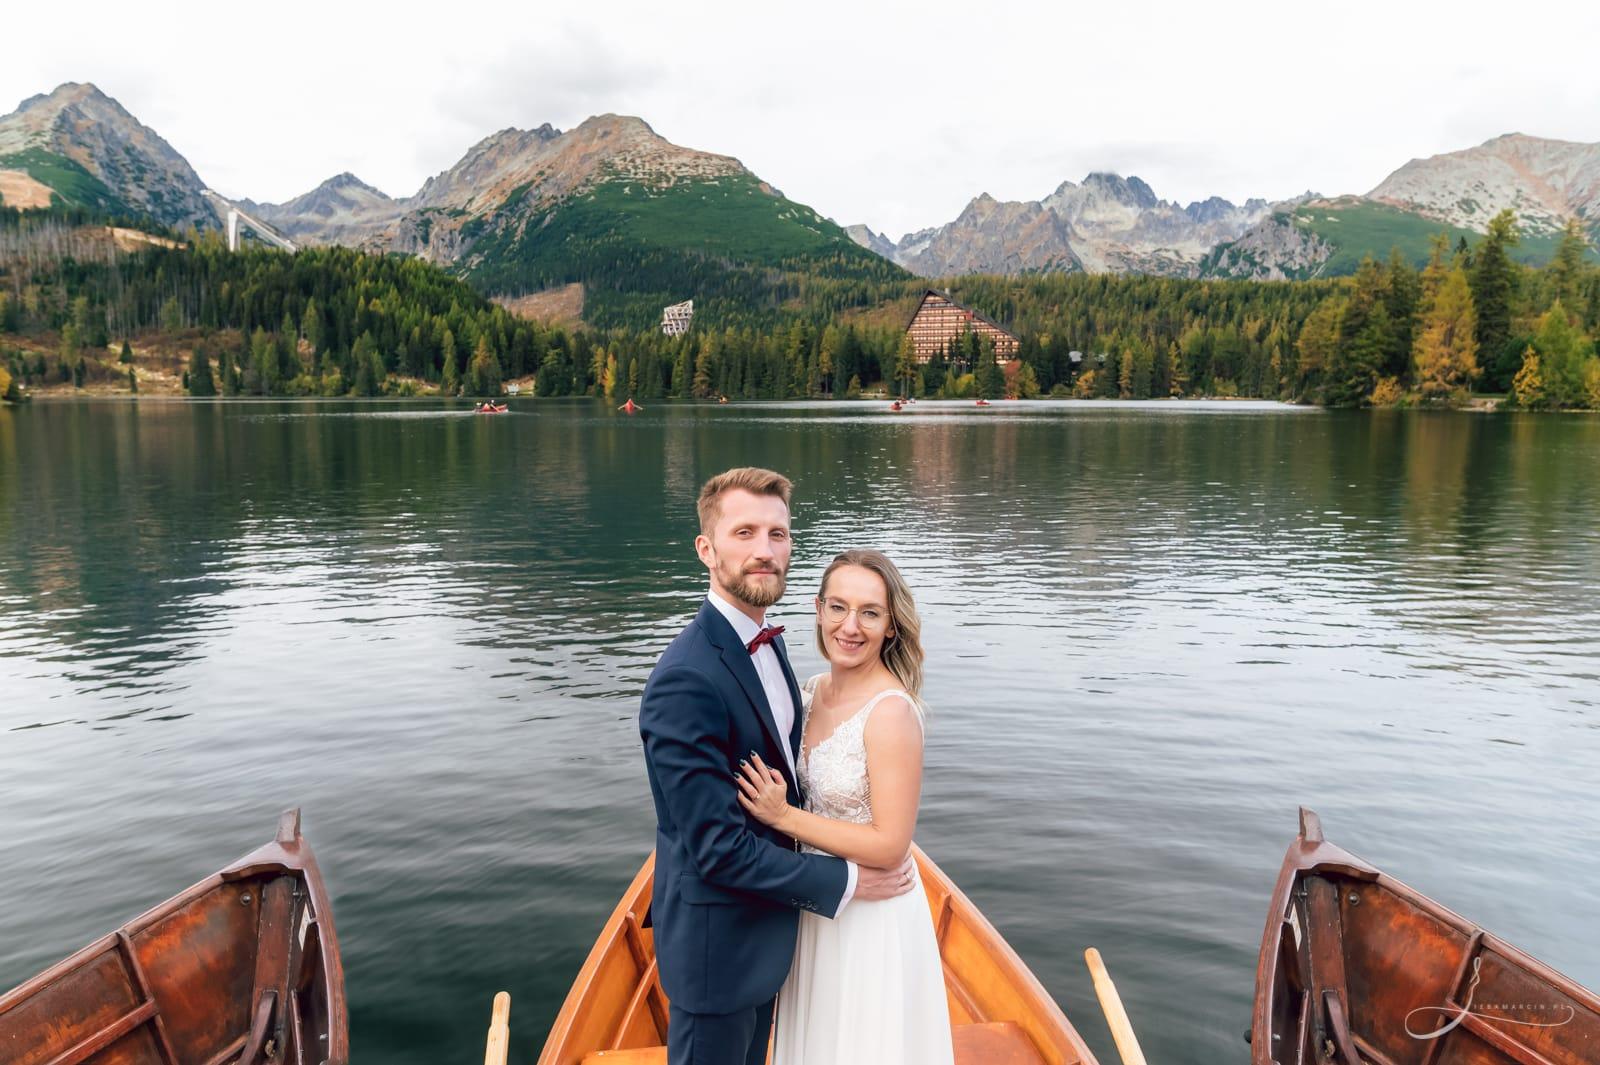 Sesja ślubna Szczyrbskie Jezioro, Słowacja